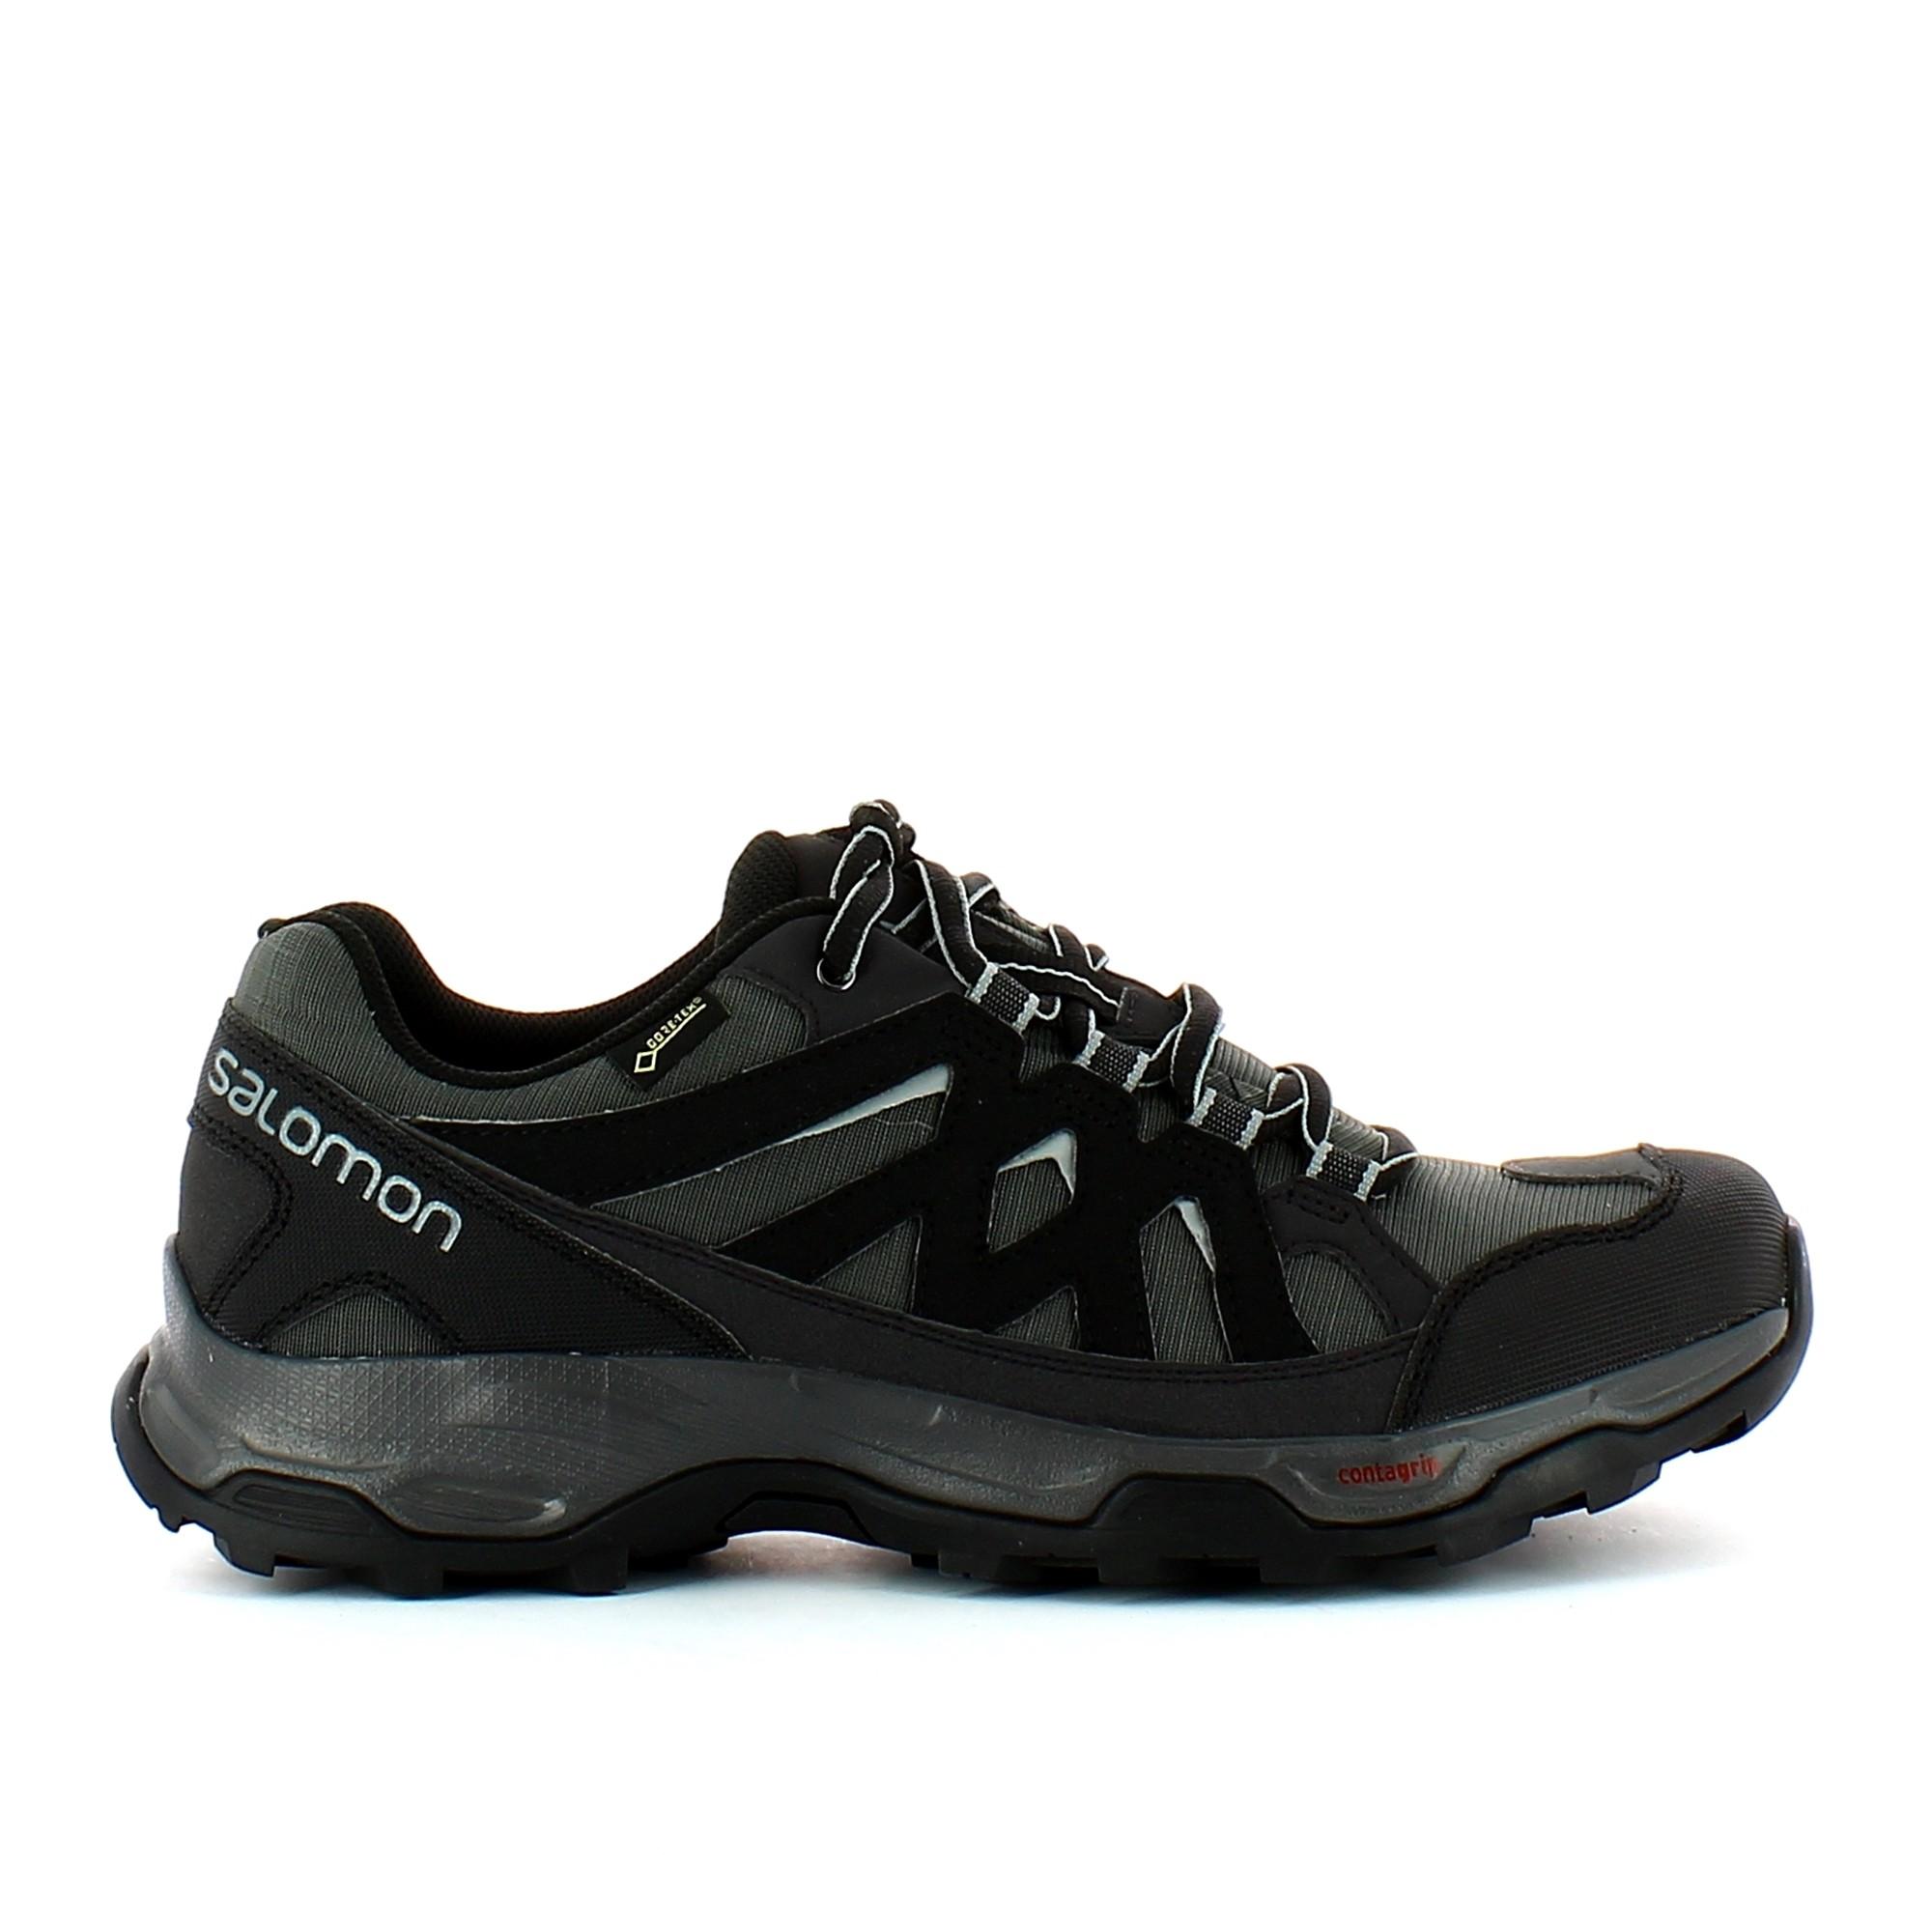 Zapatillas trekking Salomon Effect GTX gris hombre ...